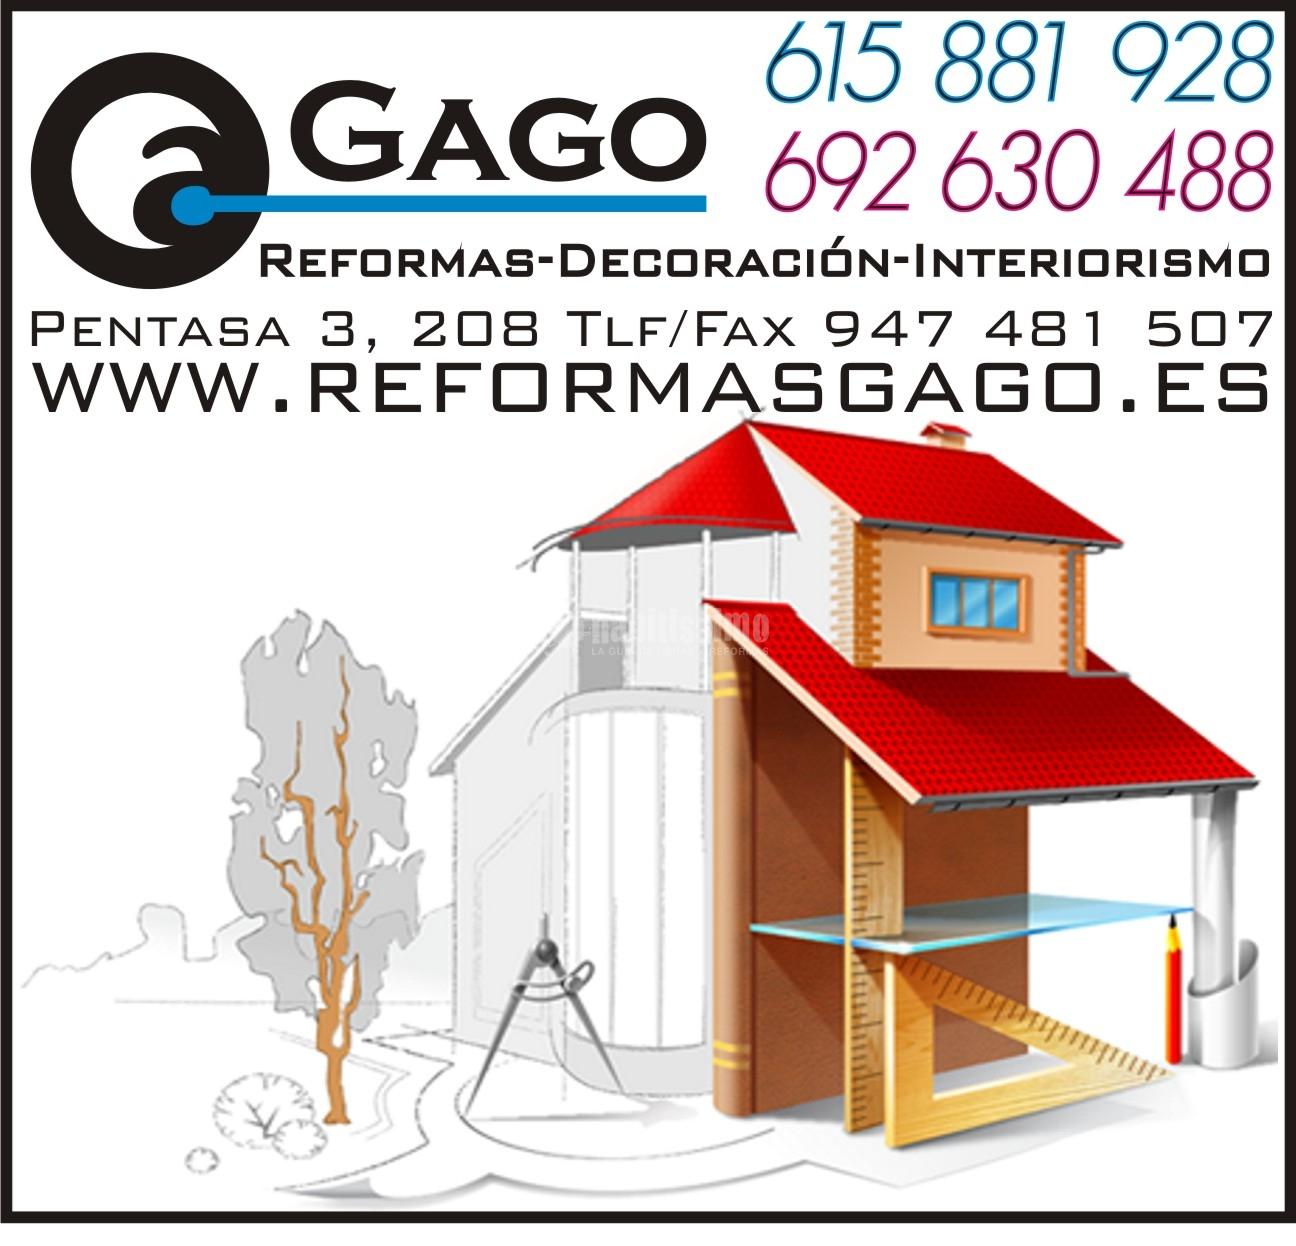 GAGO Reformas - Decoración - Interiorismo